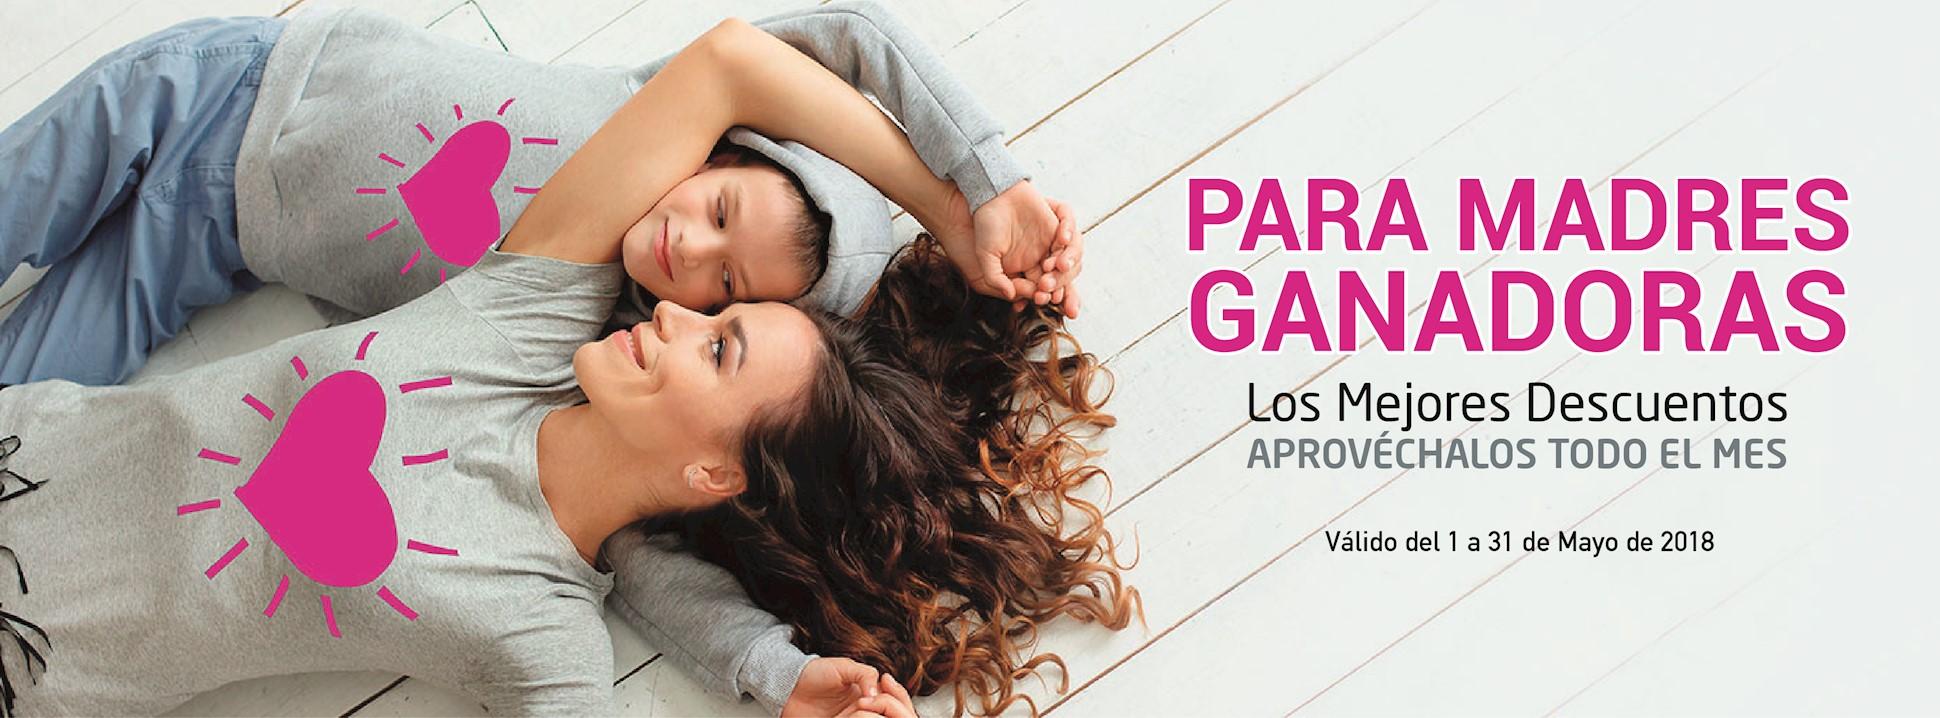 Madres portada-01.jpg | Juntoz.com